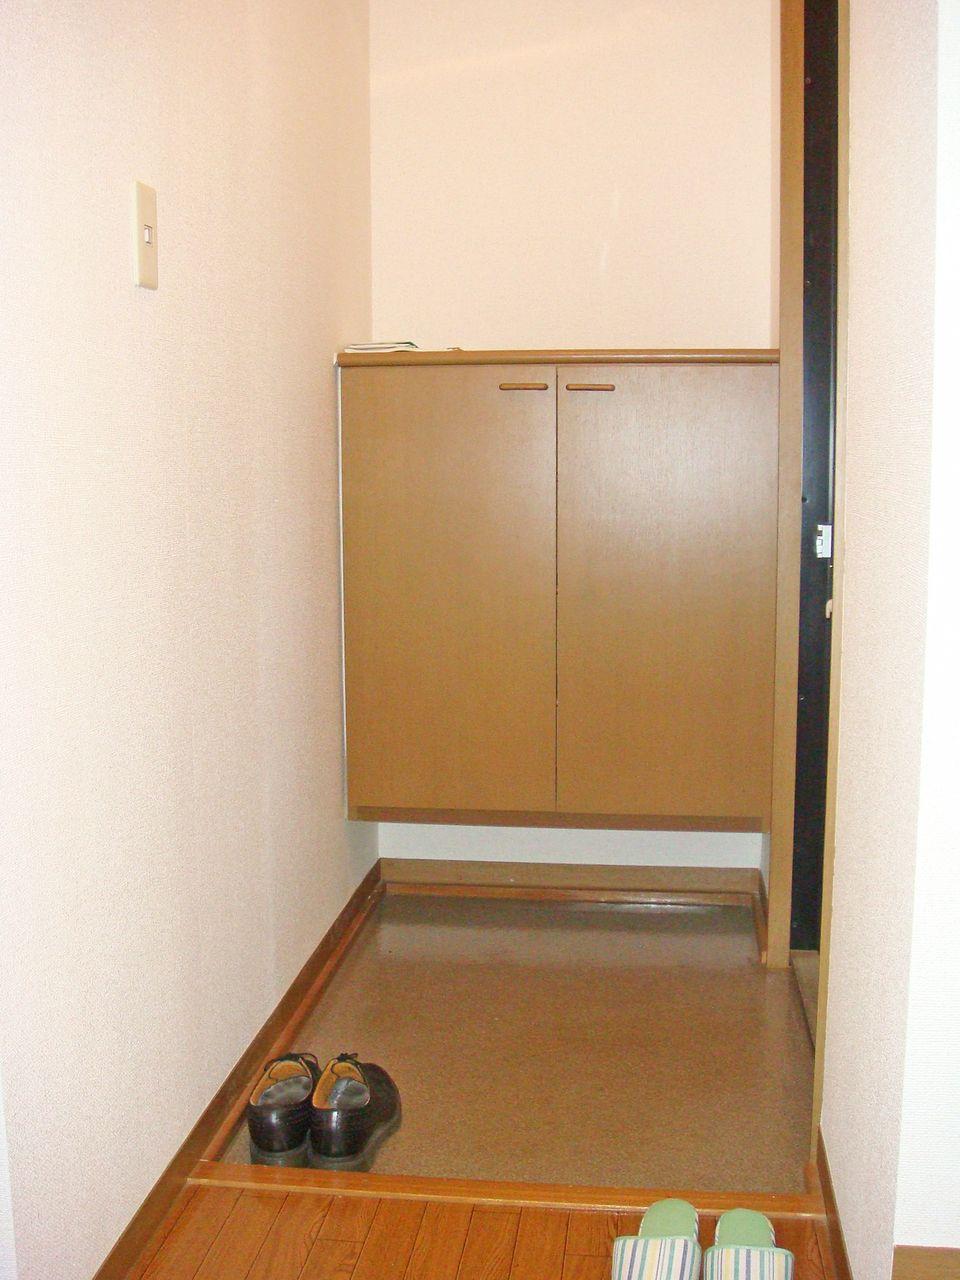 あれば嬉しいシューズボックスがついています。玄関に靴を散乱するのが嫌な人には必須です。